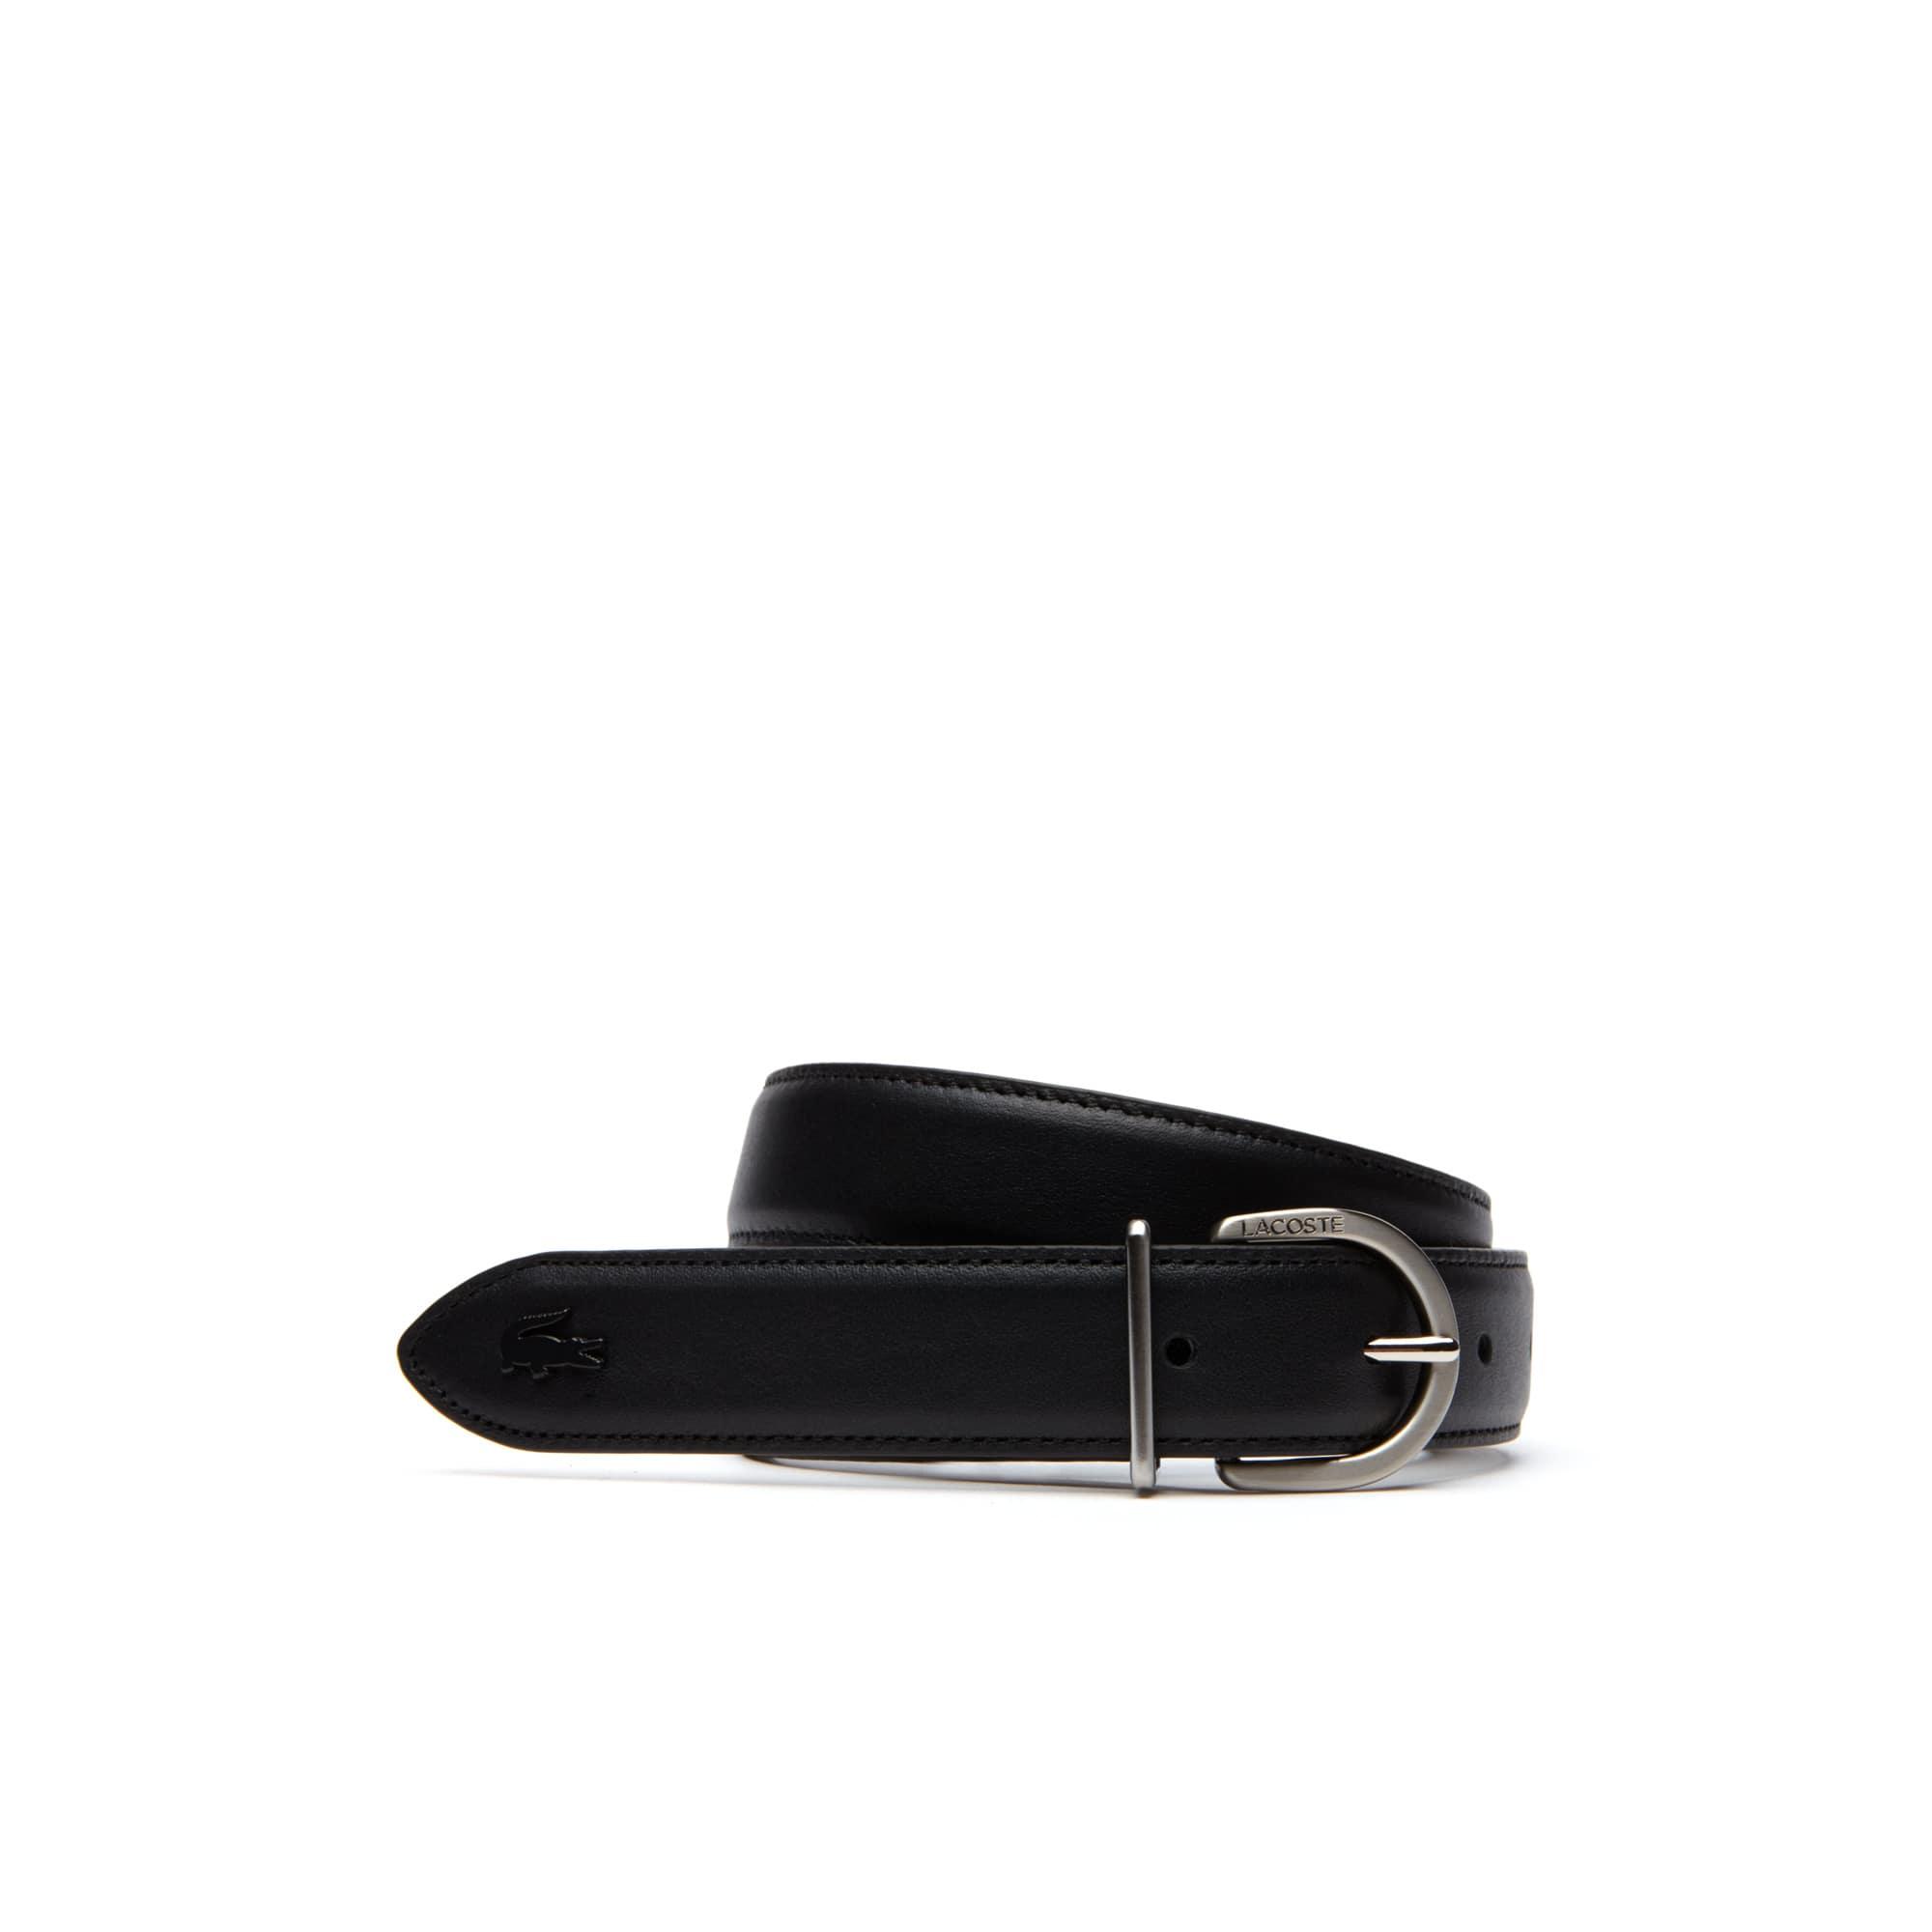 e1ddee120241c7 ... Lacoste Engraved Tongue Buckle Leather Belt. Colour   BLACK